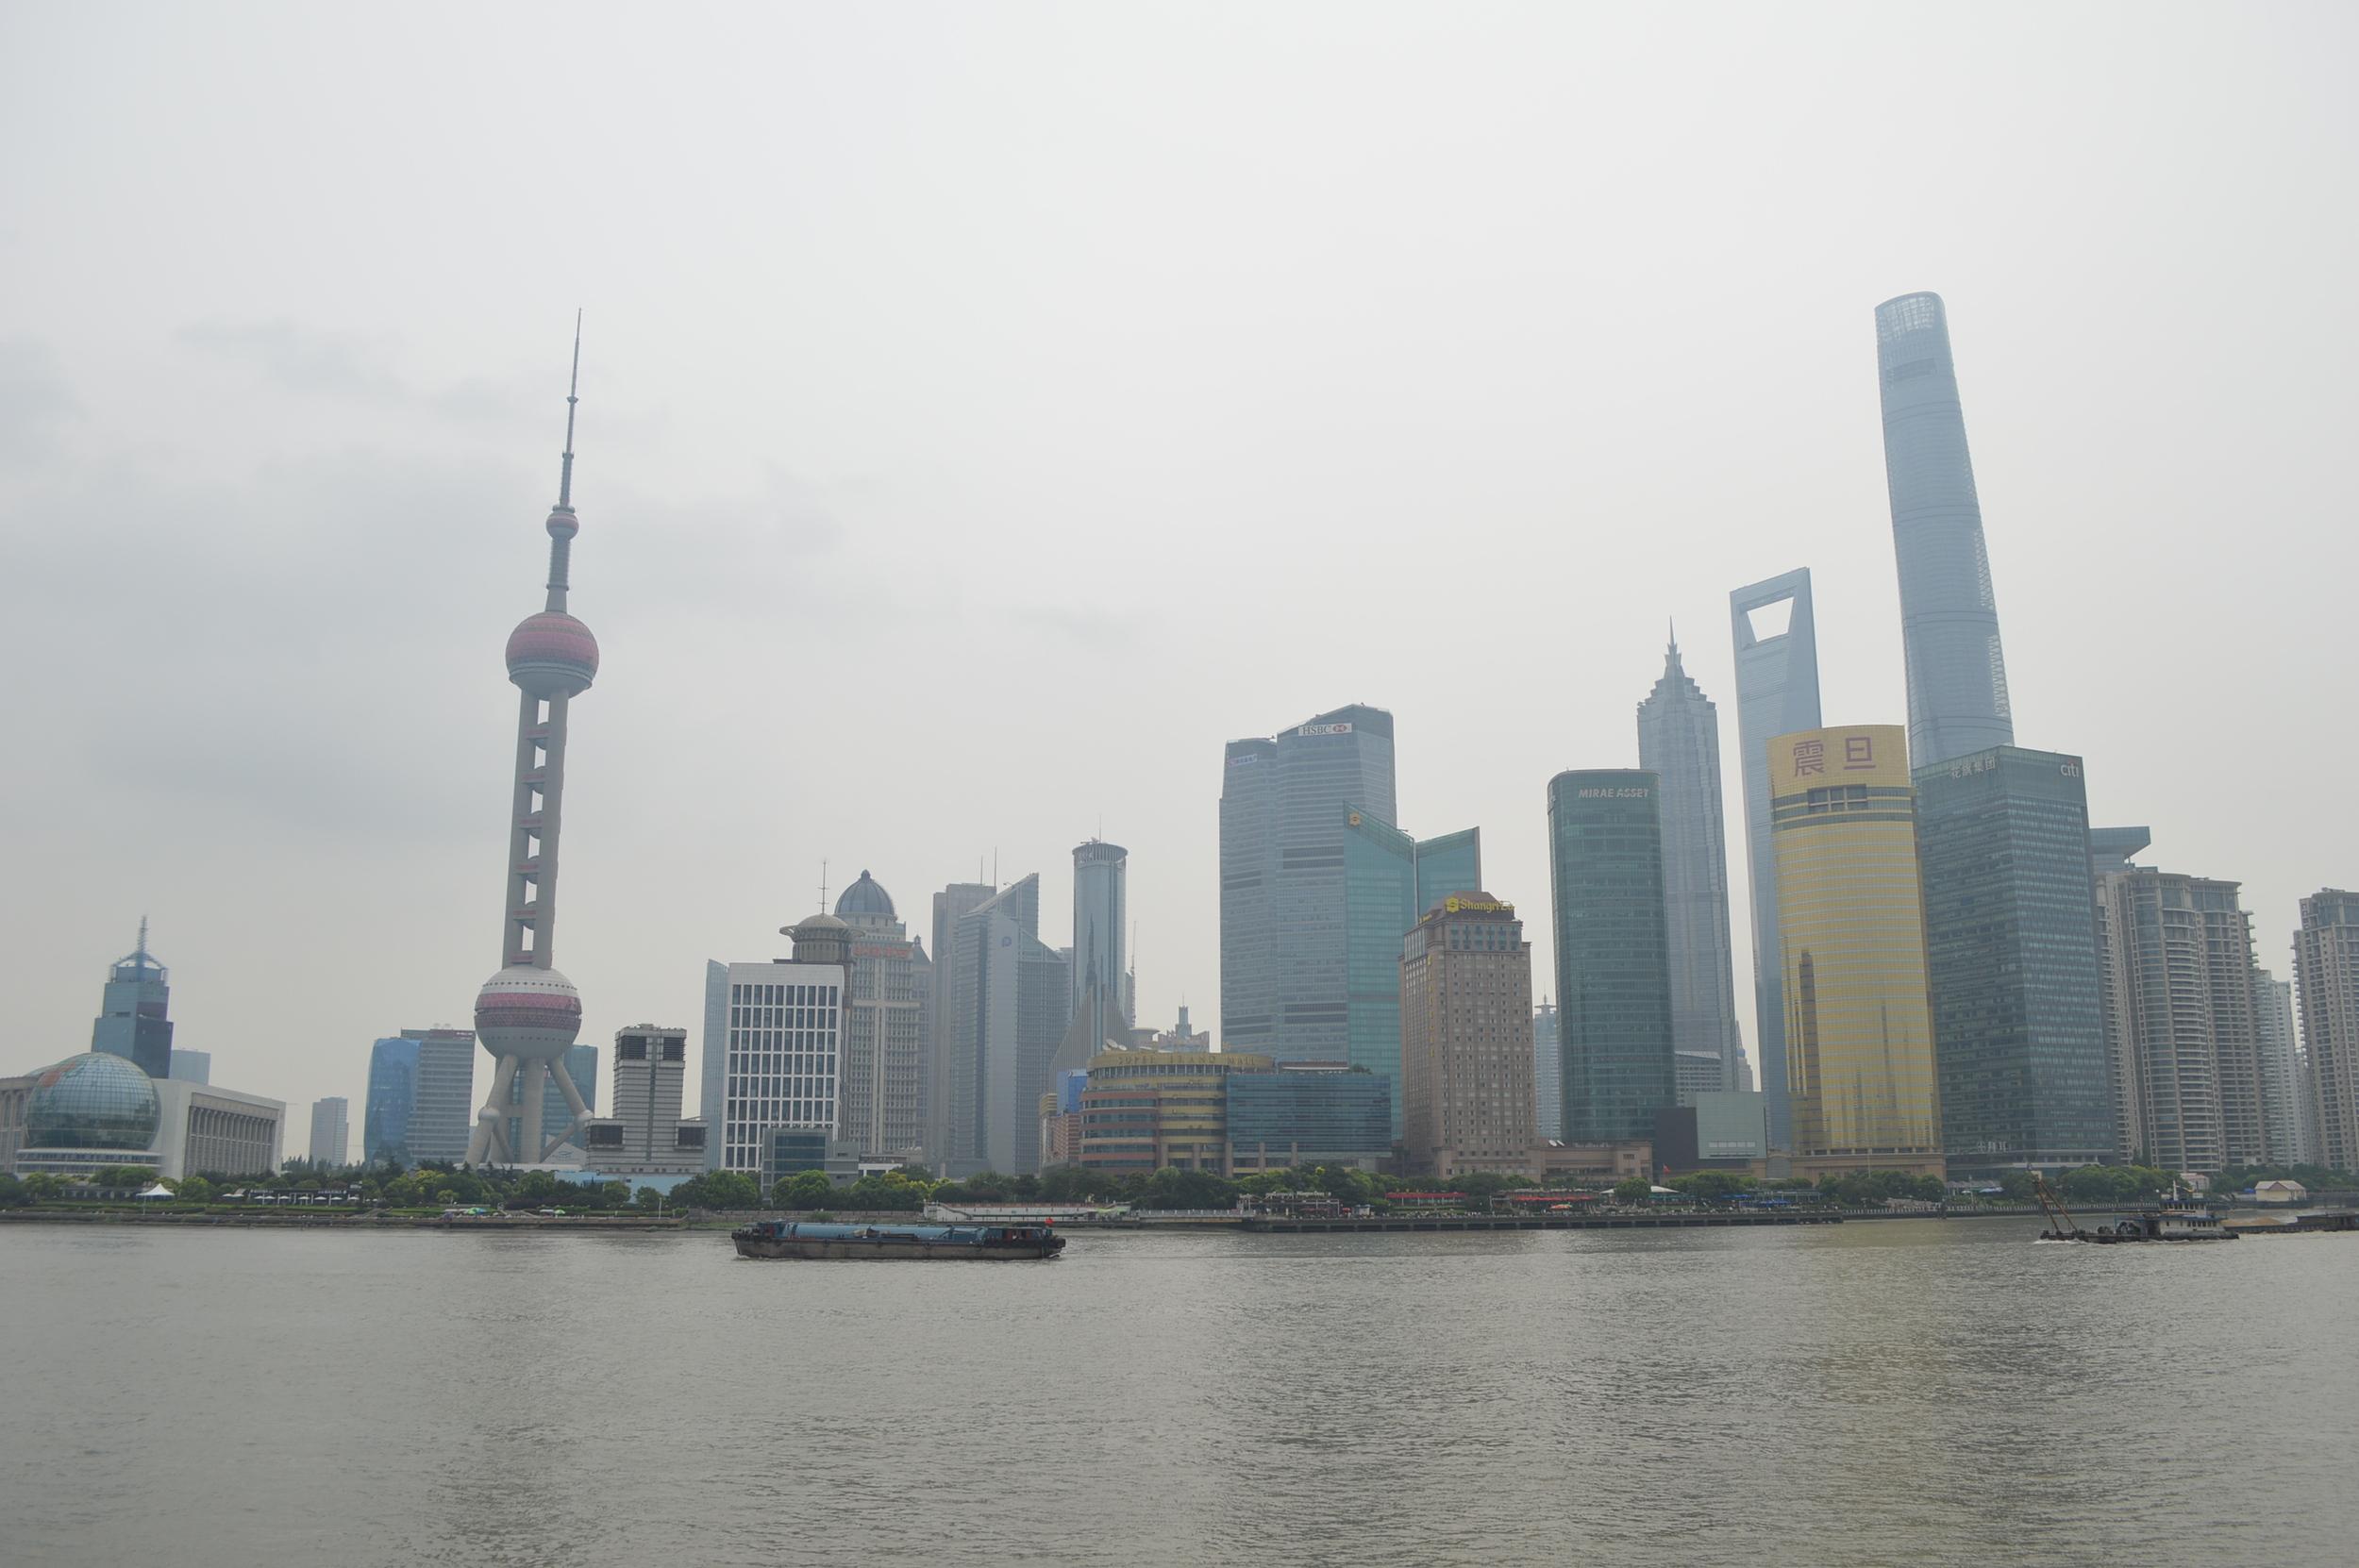 The Bund Shanghai Skyline during the daytime